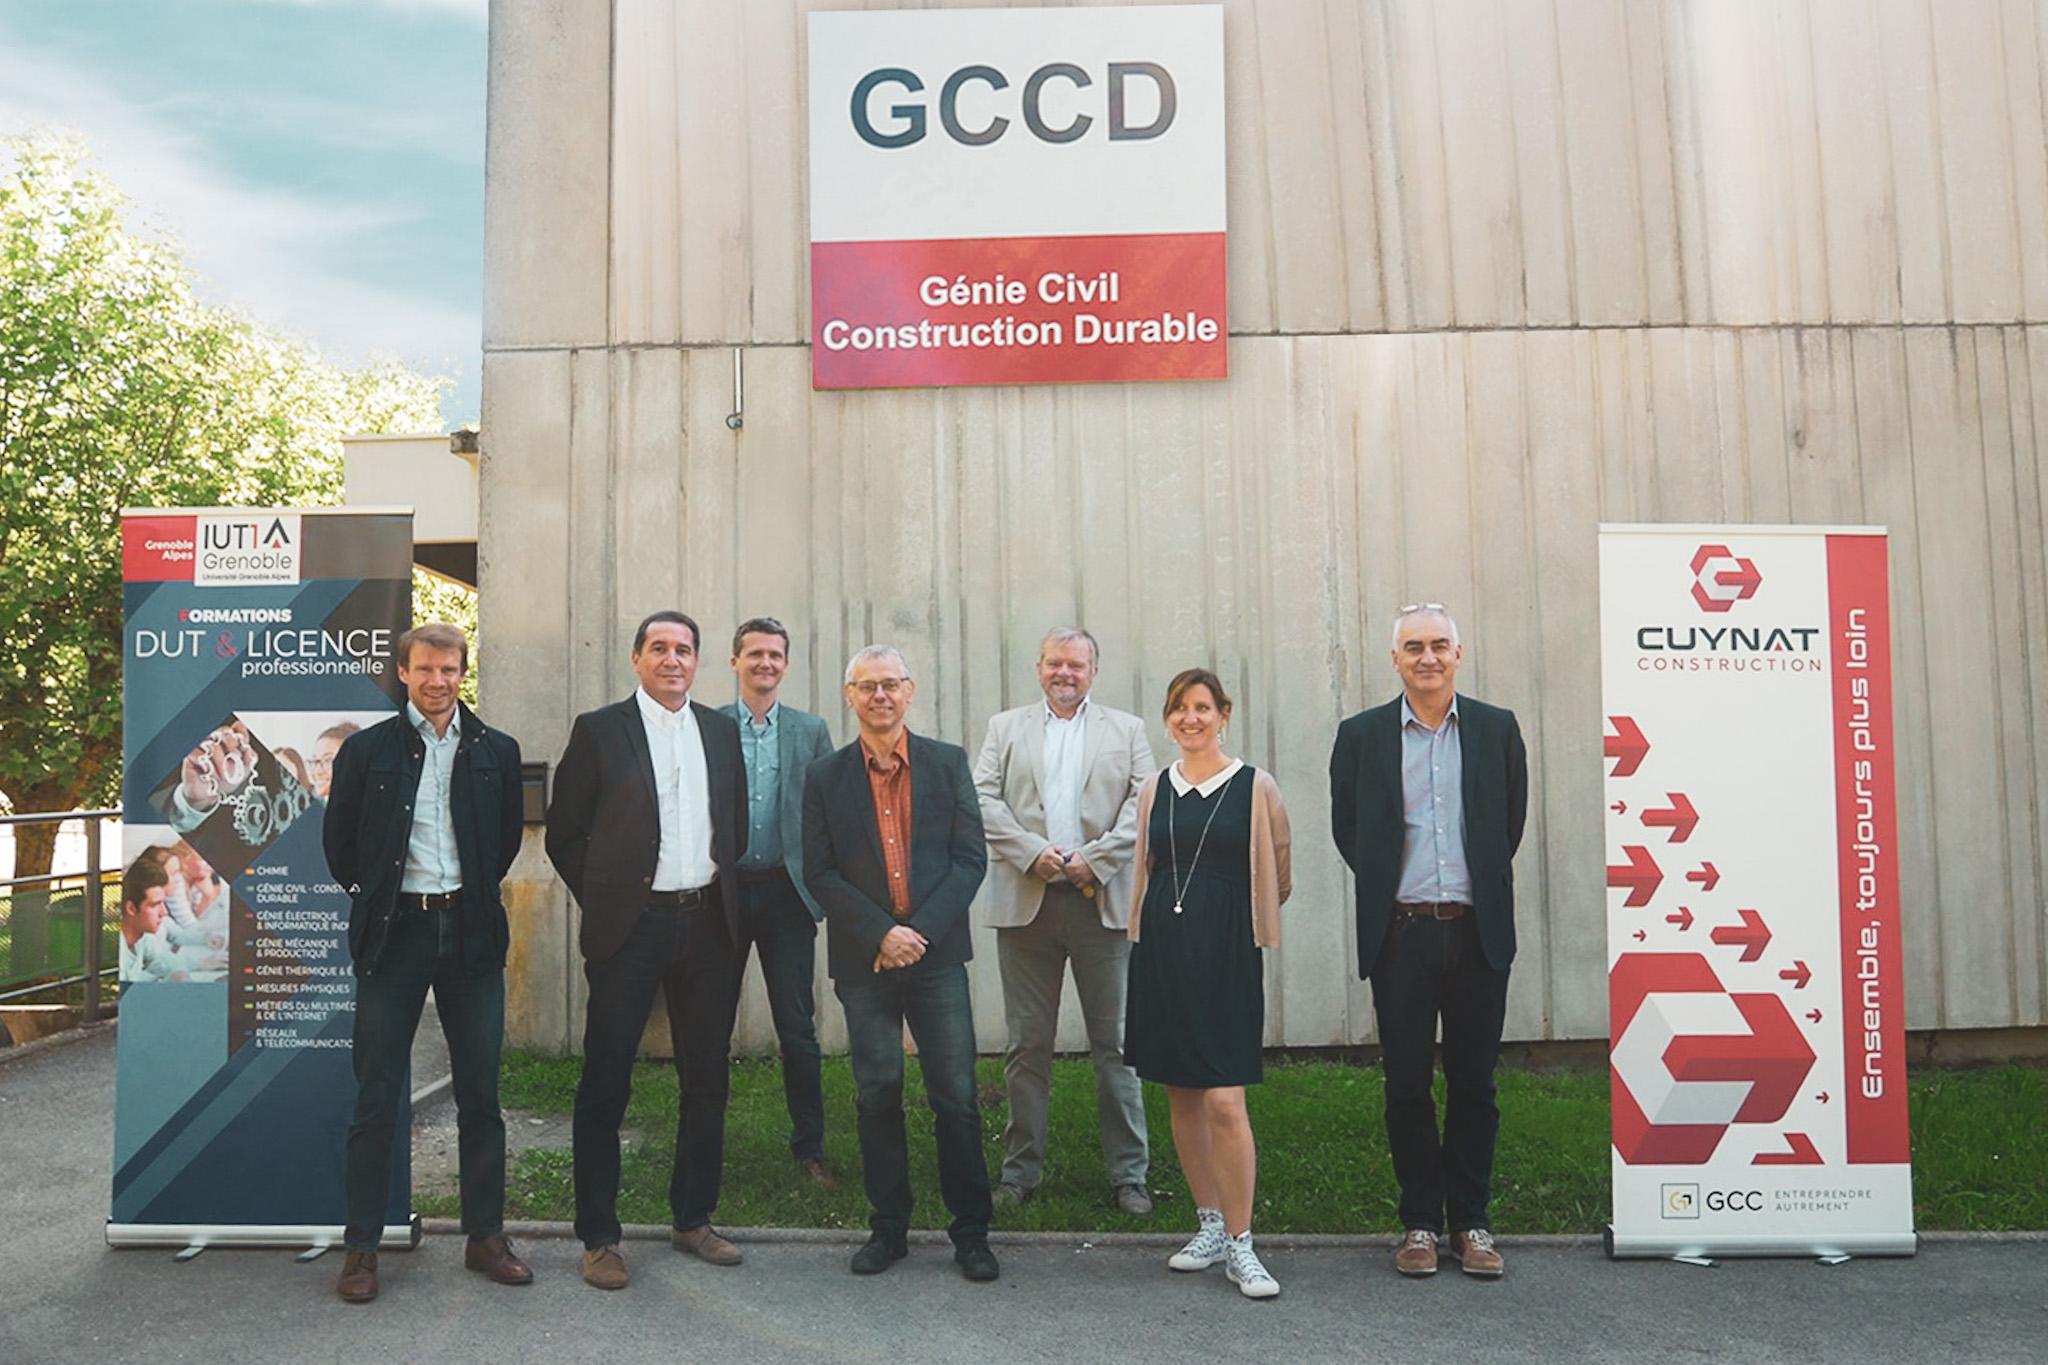 Les équipes de Cuynat Construction et du département GCCD